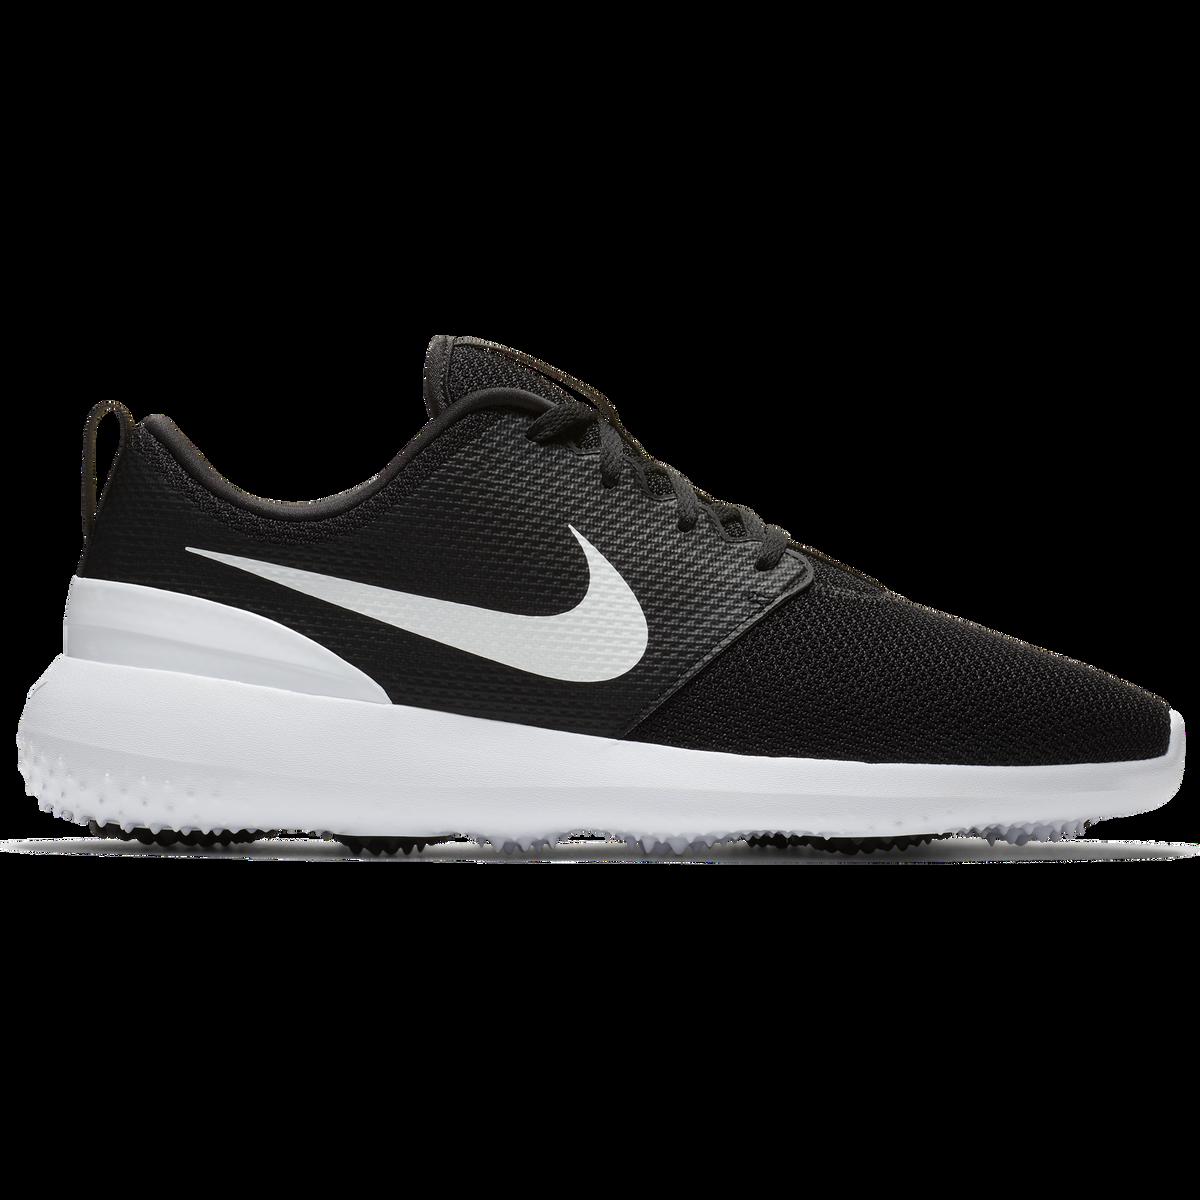 2c73bd1e3dd2 Nike Roshe G Men s Golf Shoe - Black White